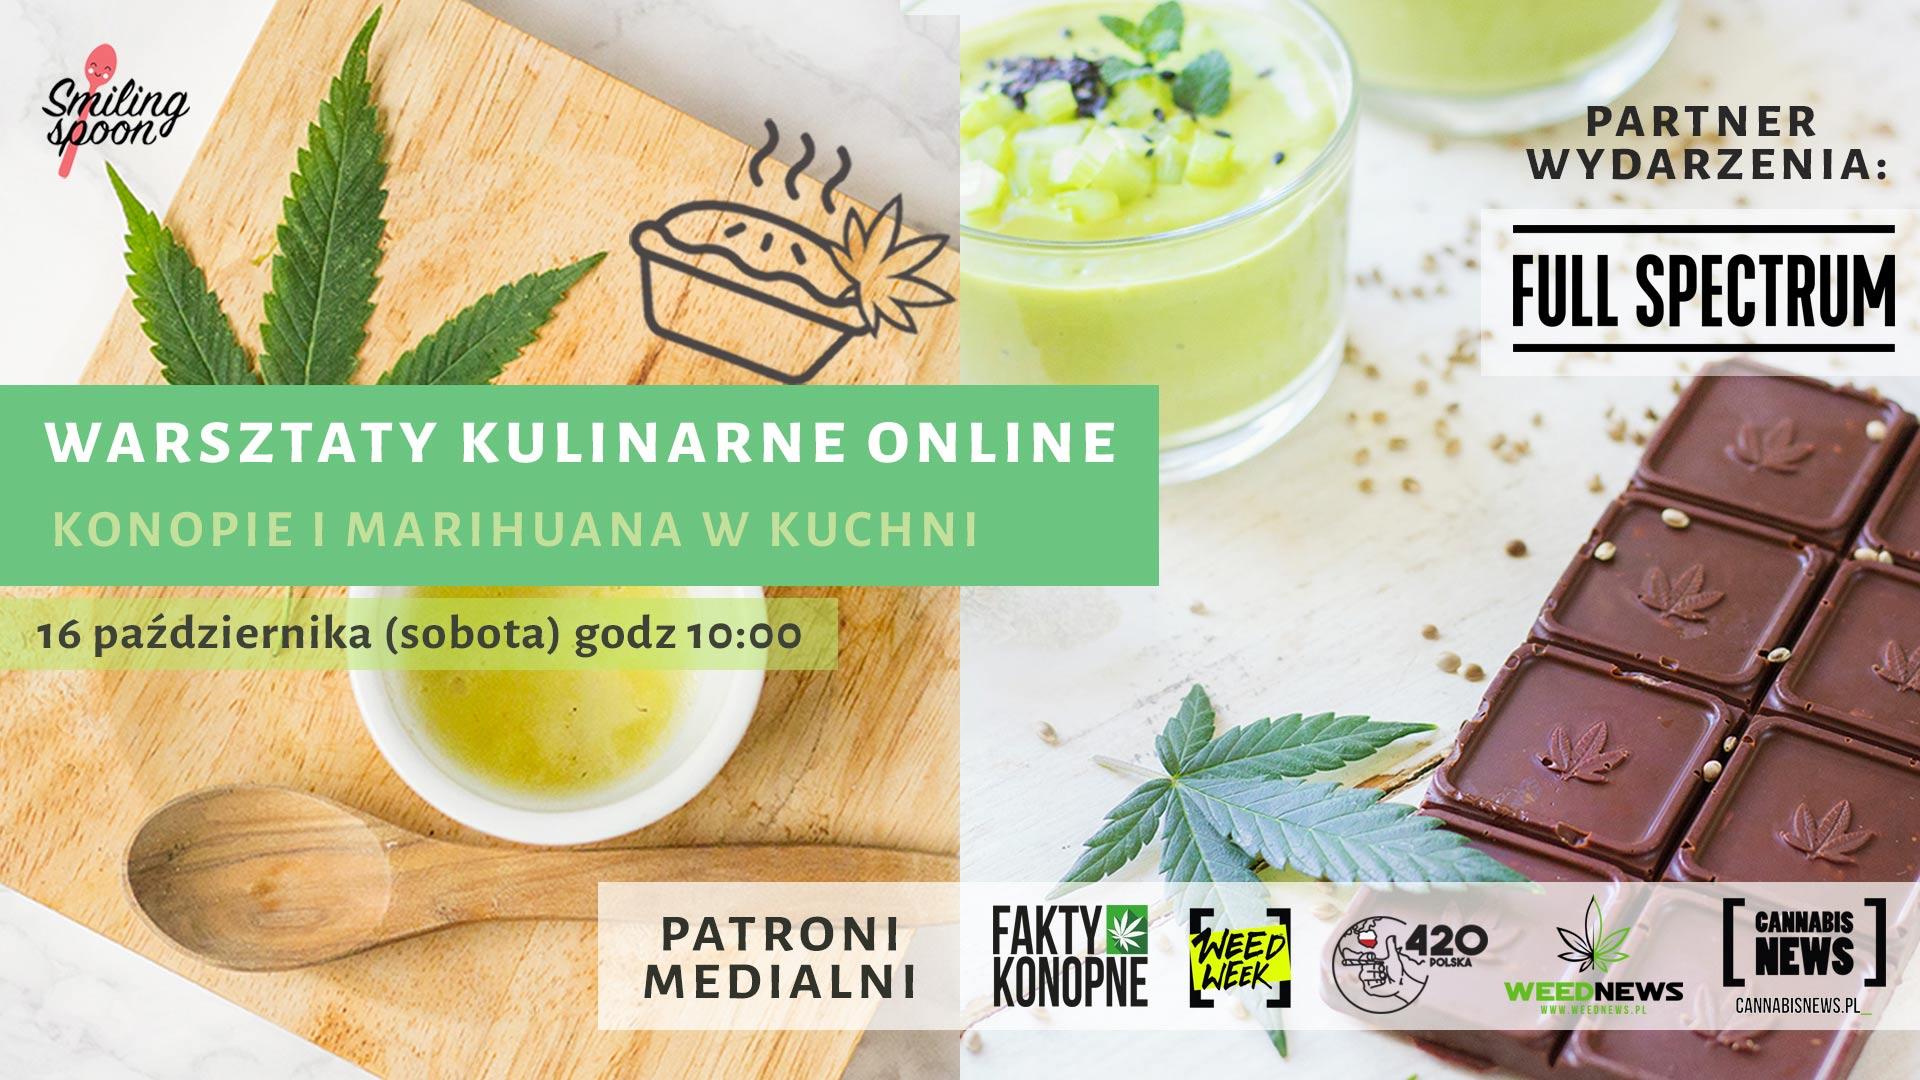 Warsztaty kulinarne Konopie i marihuana w kuchni